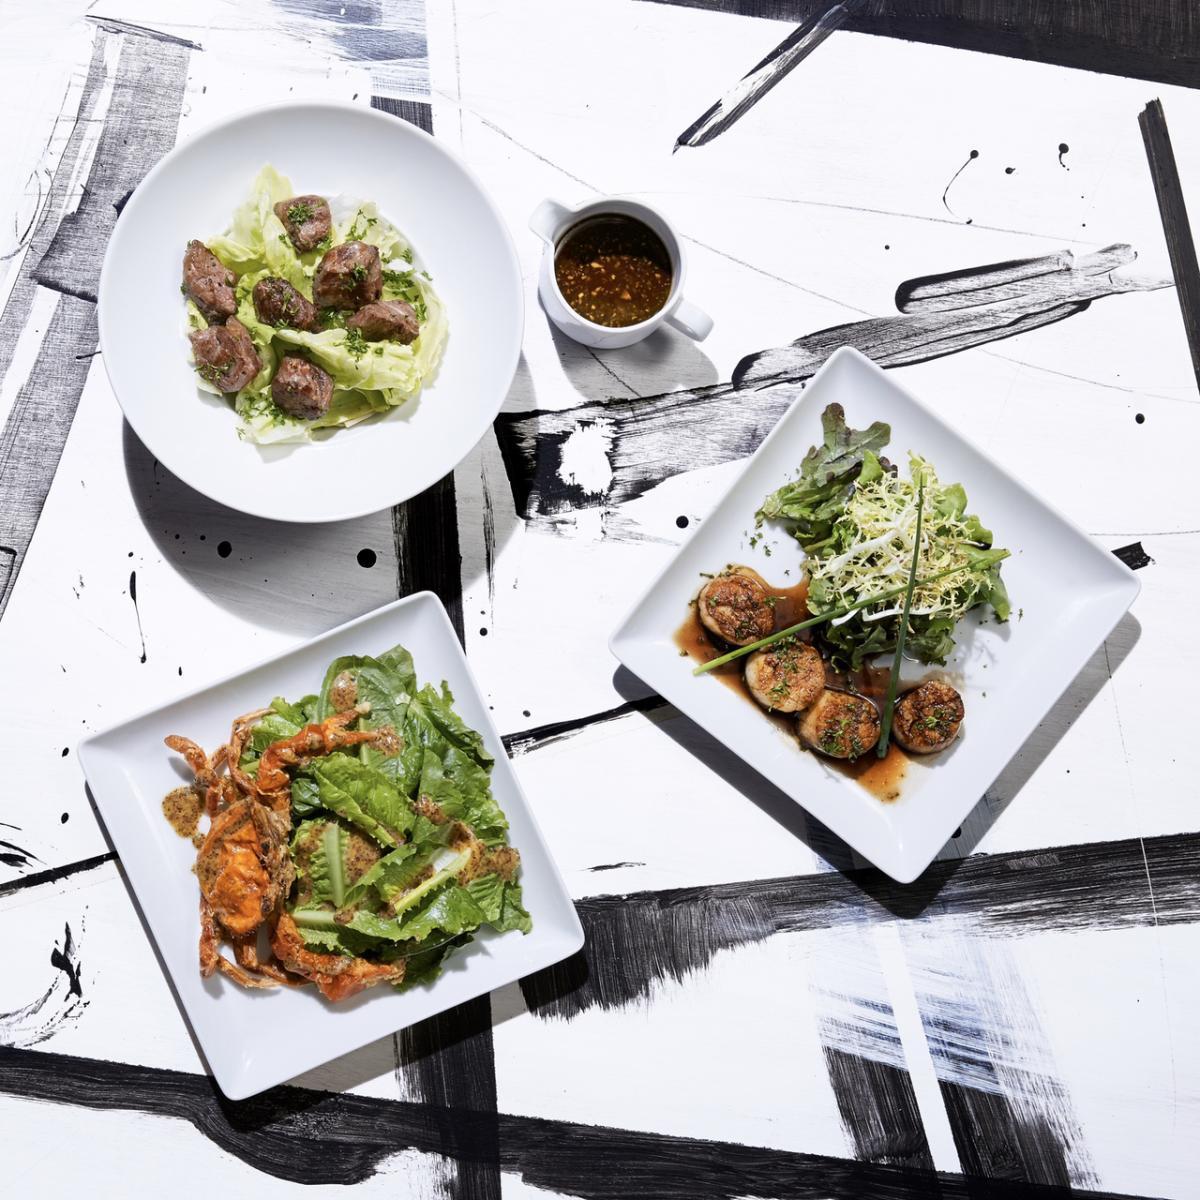 ไอคอนสยาม จับมือ ทรูฟู้ด เปิดตัวแคมเปญ Wondrous Dining : True Food X ICONSIAM  รวมร้านดังแห่งไอคอนสยาม เสิร์ฟตรงถึงมือคุณ